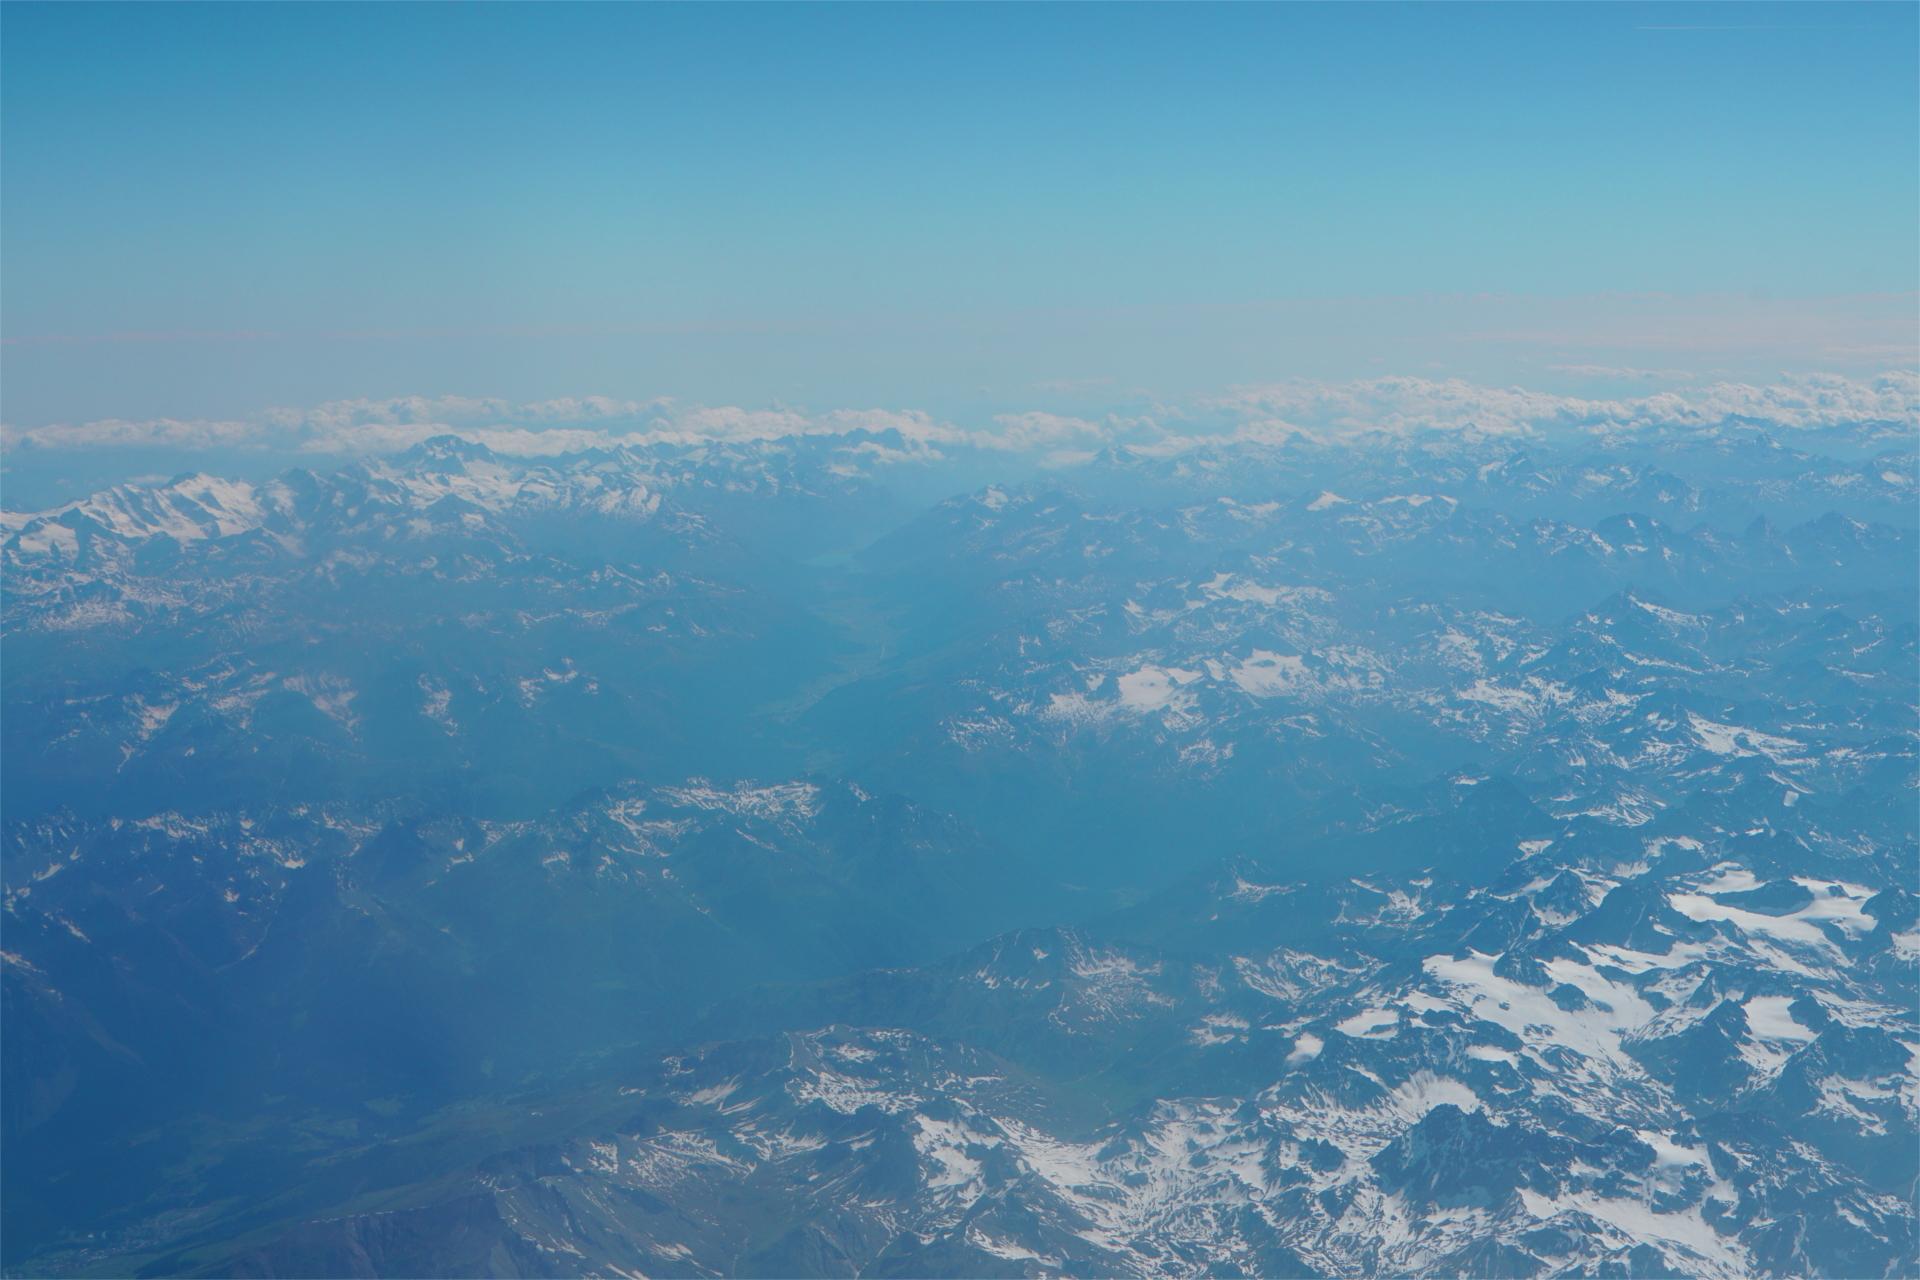 Alpen auf dem Rückflug nach Deutschland